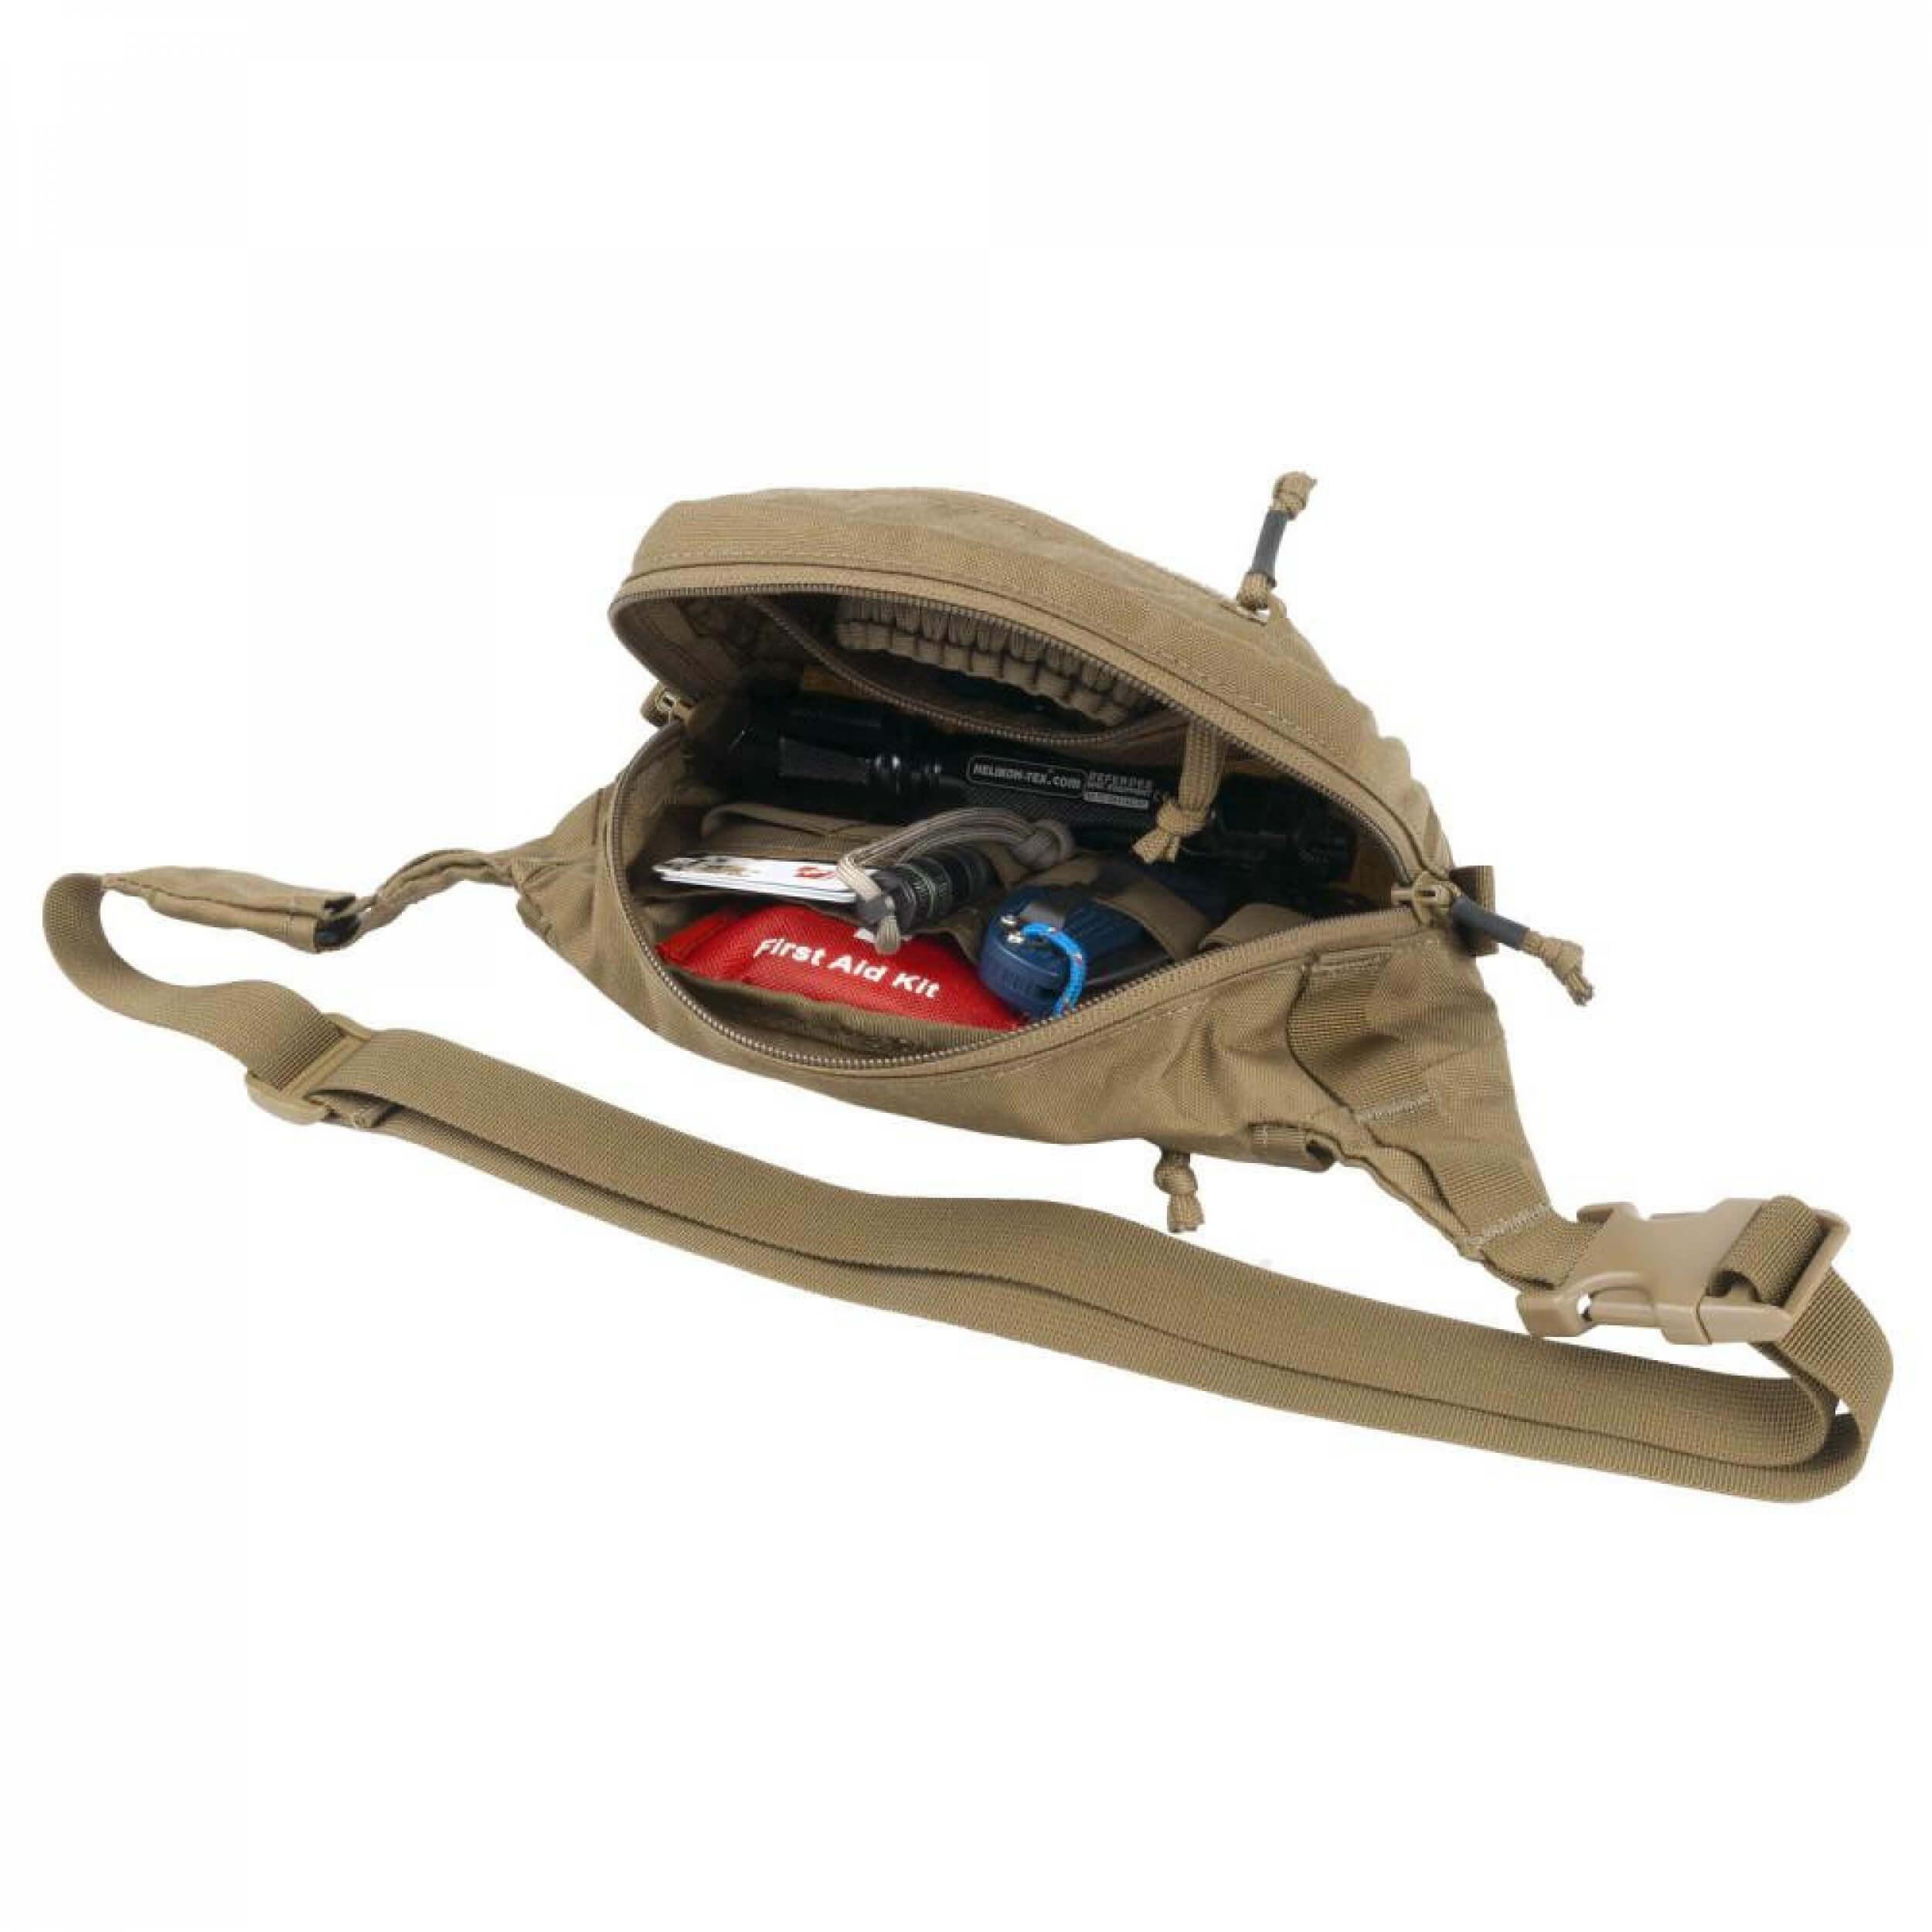 Helikon-Tex Waist Pack Possum PenCott Snowdrift